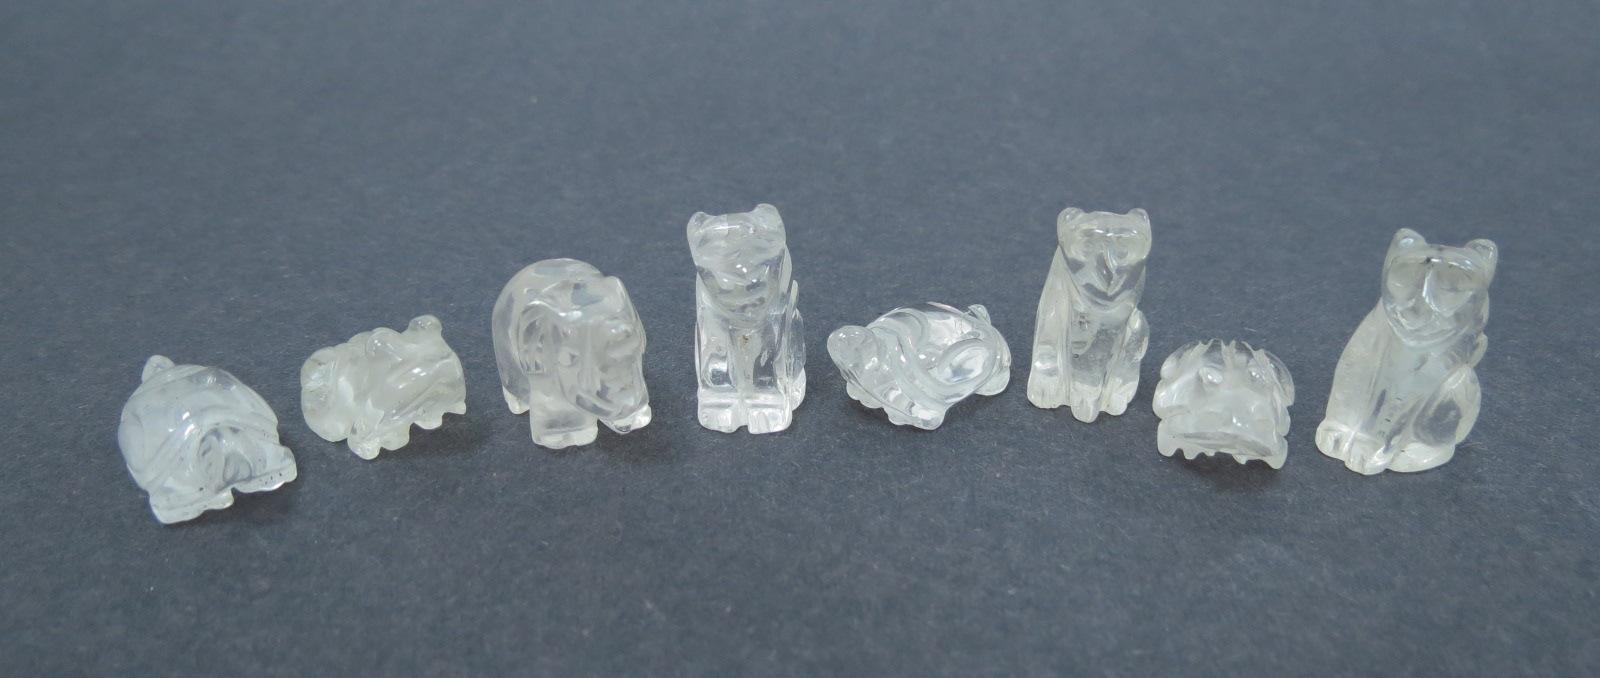 שמונה עבודות גילוף קרסיטל הרים: שני צבים, שני צפרדעים, שני קופים , חתול ופיל